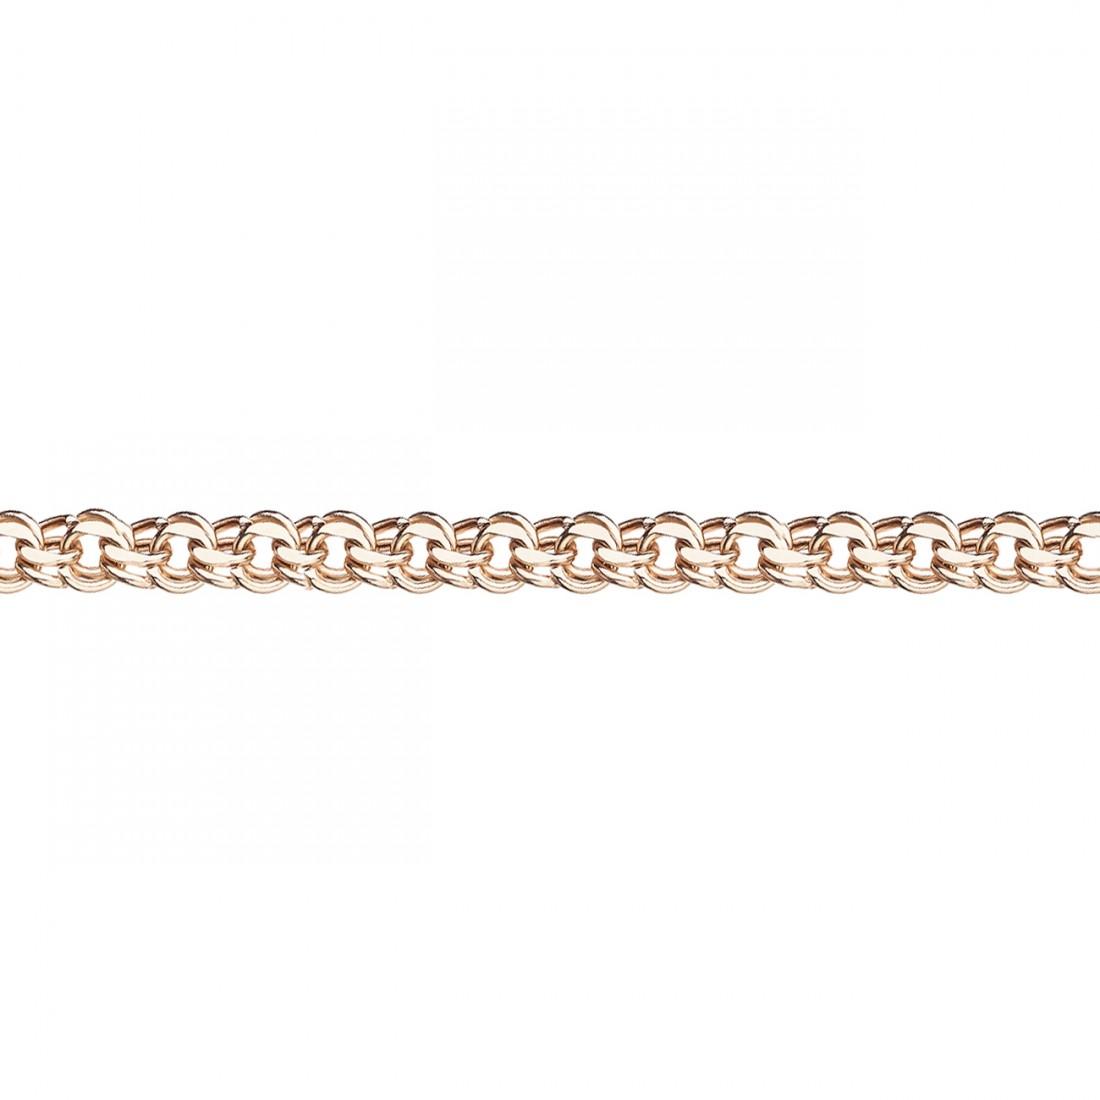 Облегченная цепь из золота арт. 8040200п-45 8040200п-45